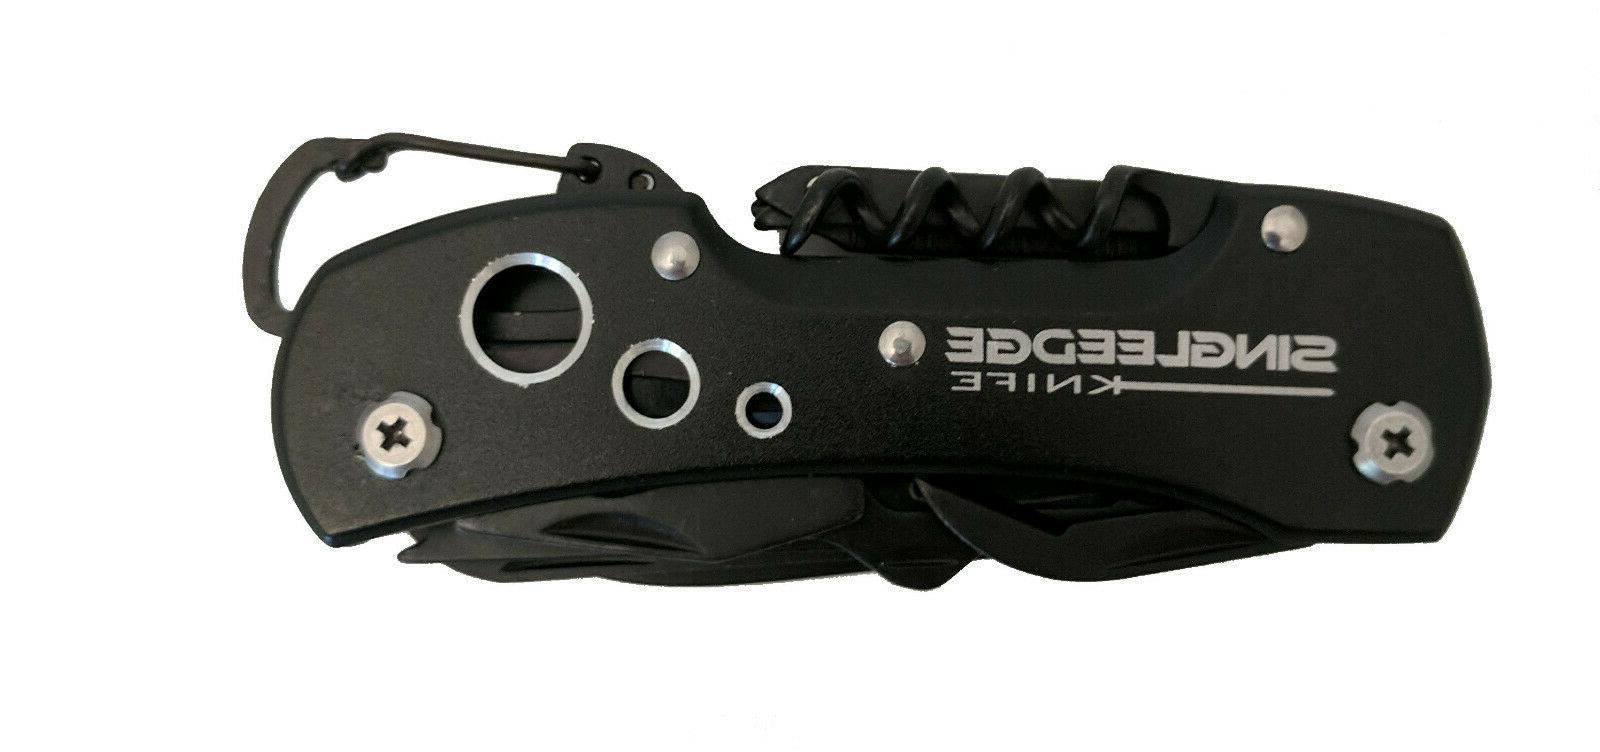 Titanium Black Style Pocket Knife By SingleEdge - 14 Tool Uses